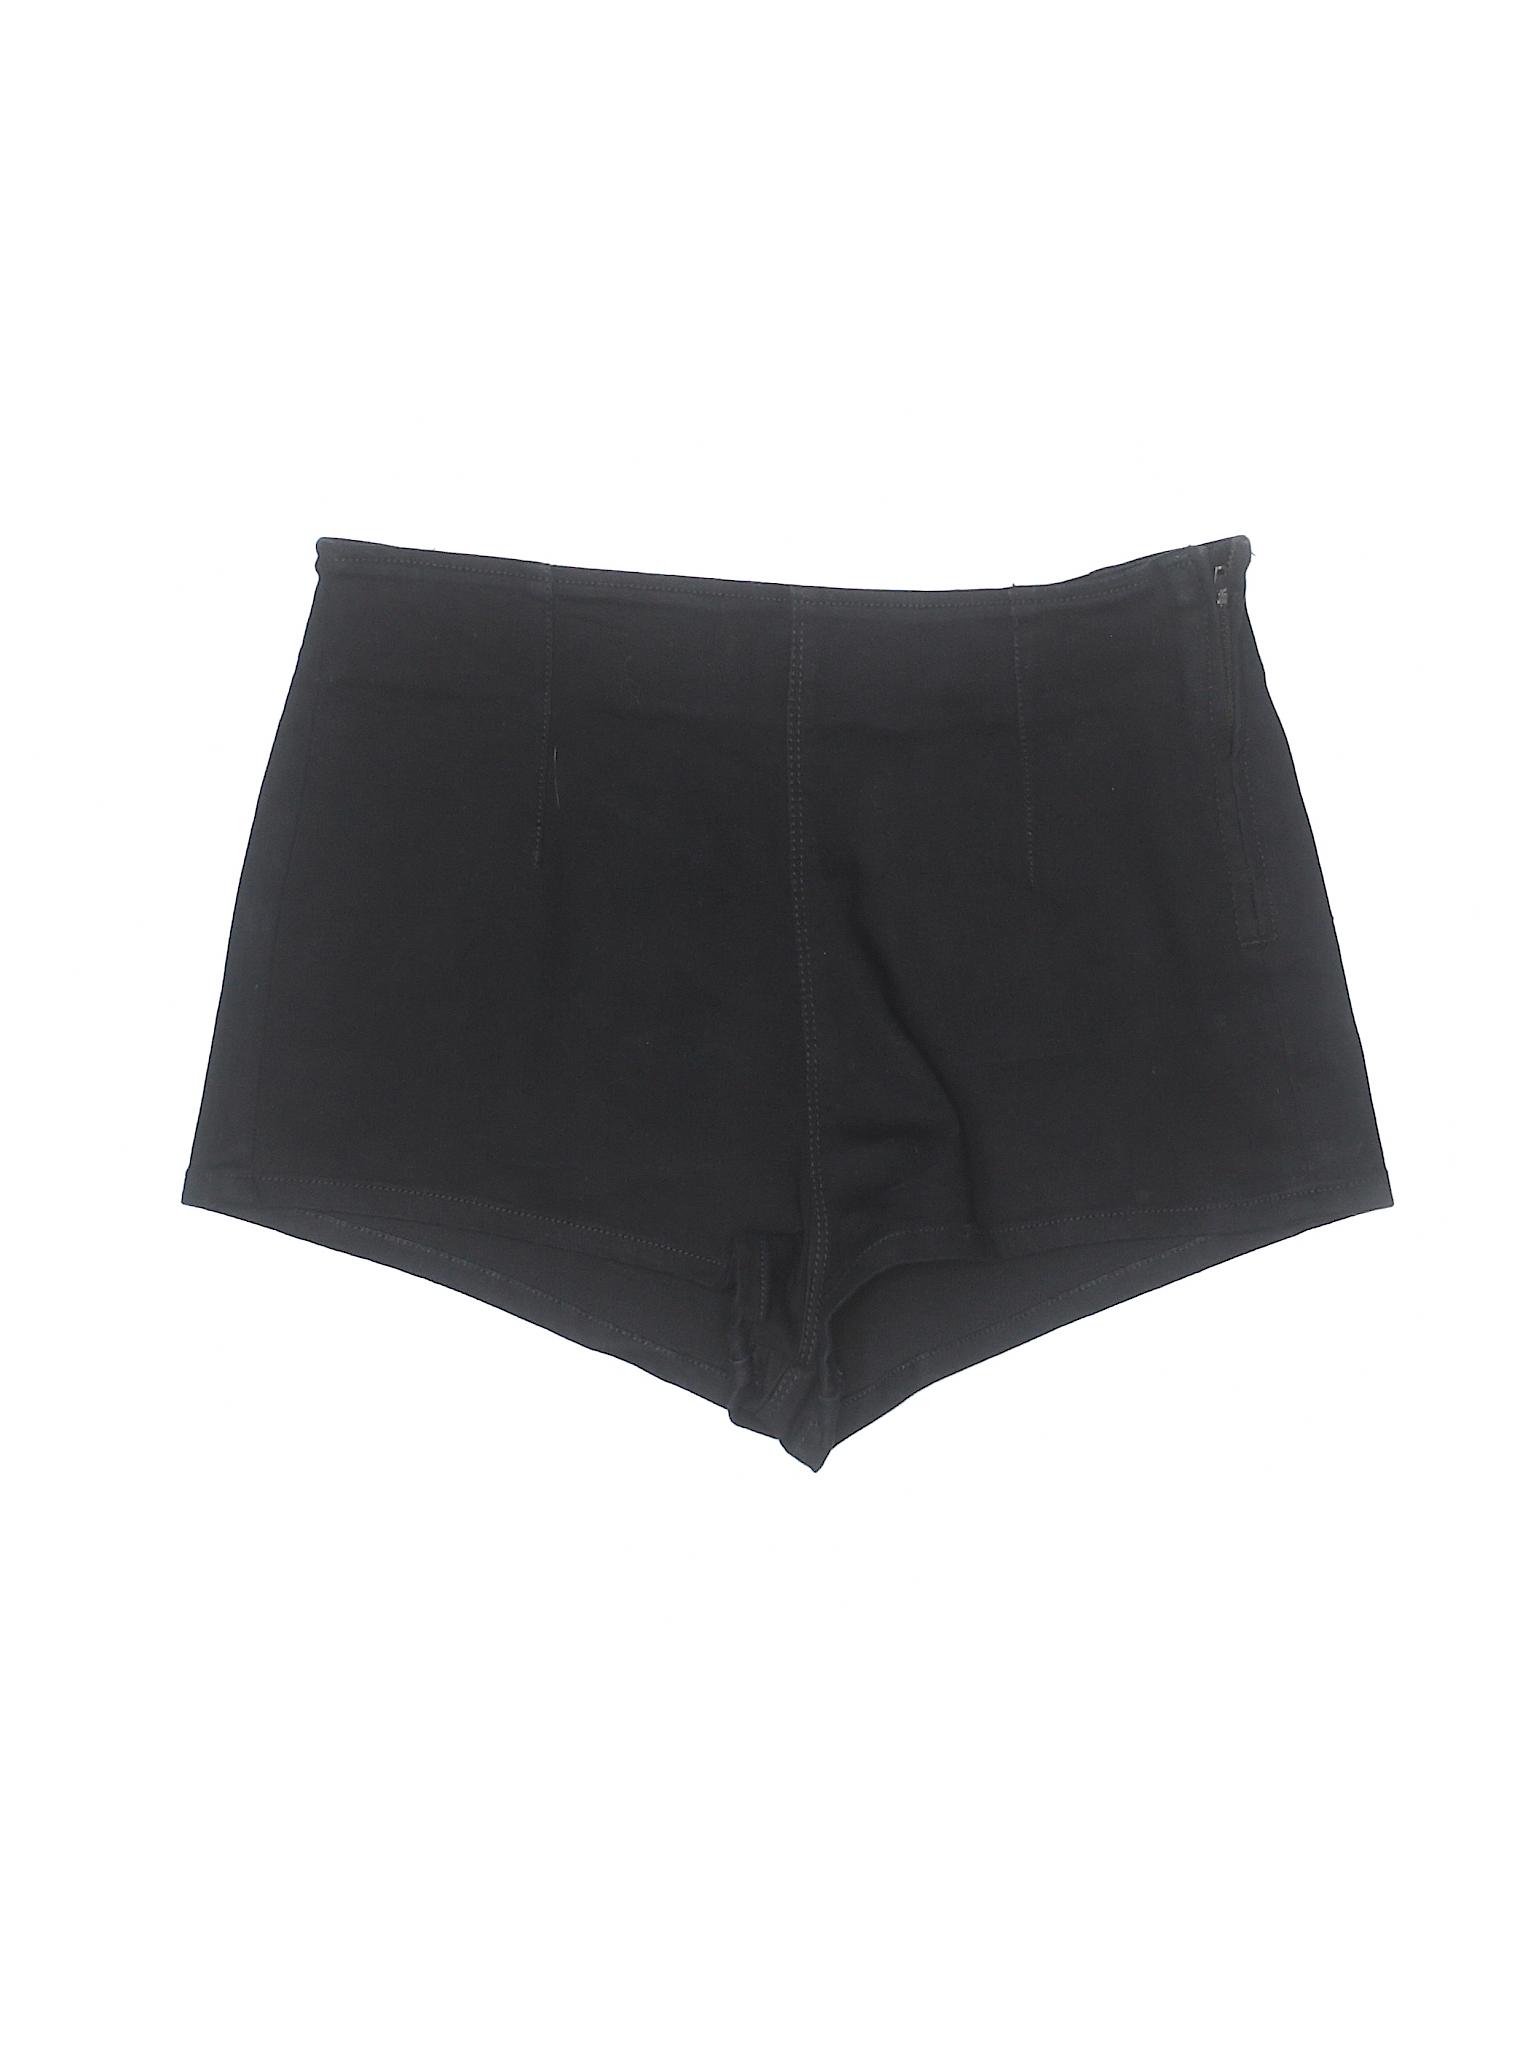 Boutique ASOS Boutique Shorts ASOS ZvBwq